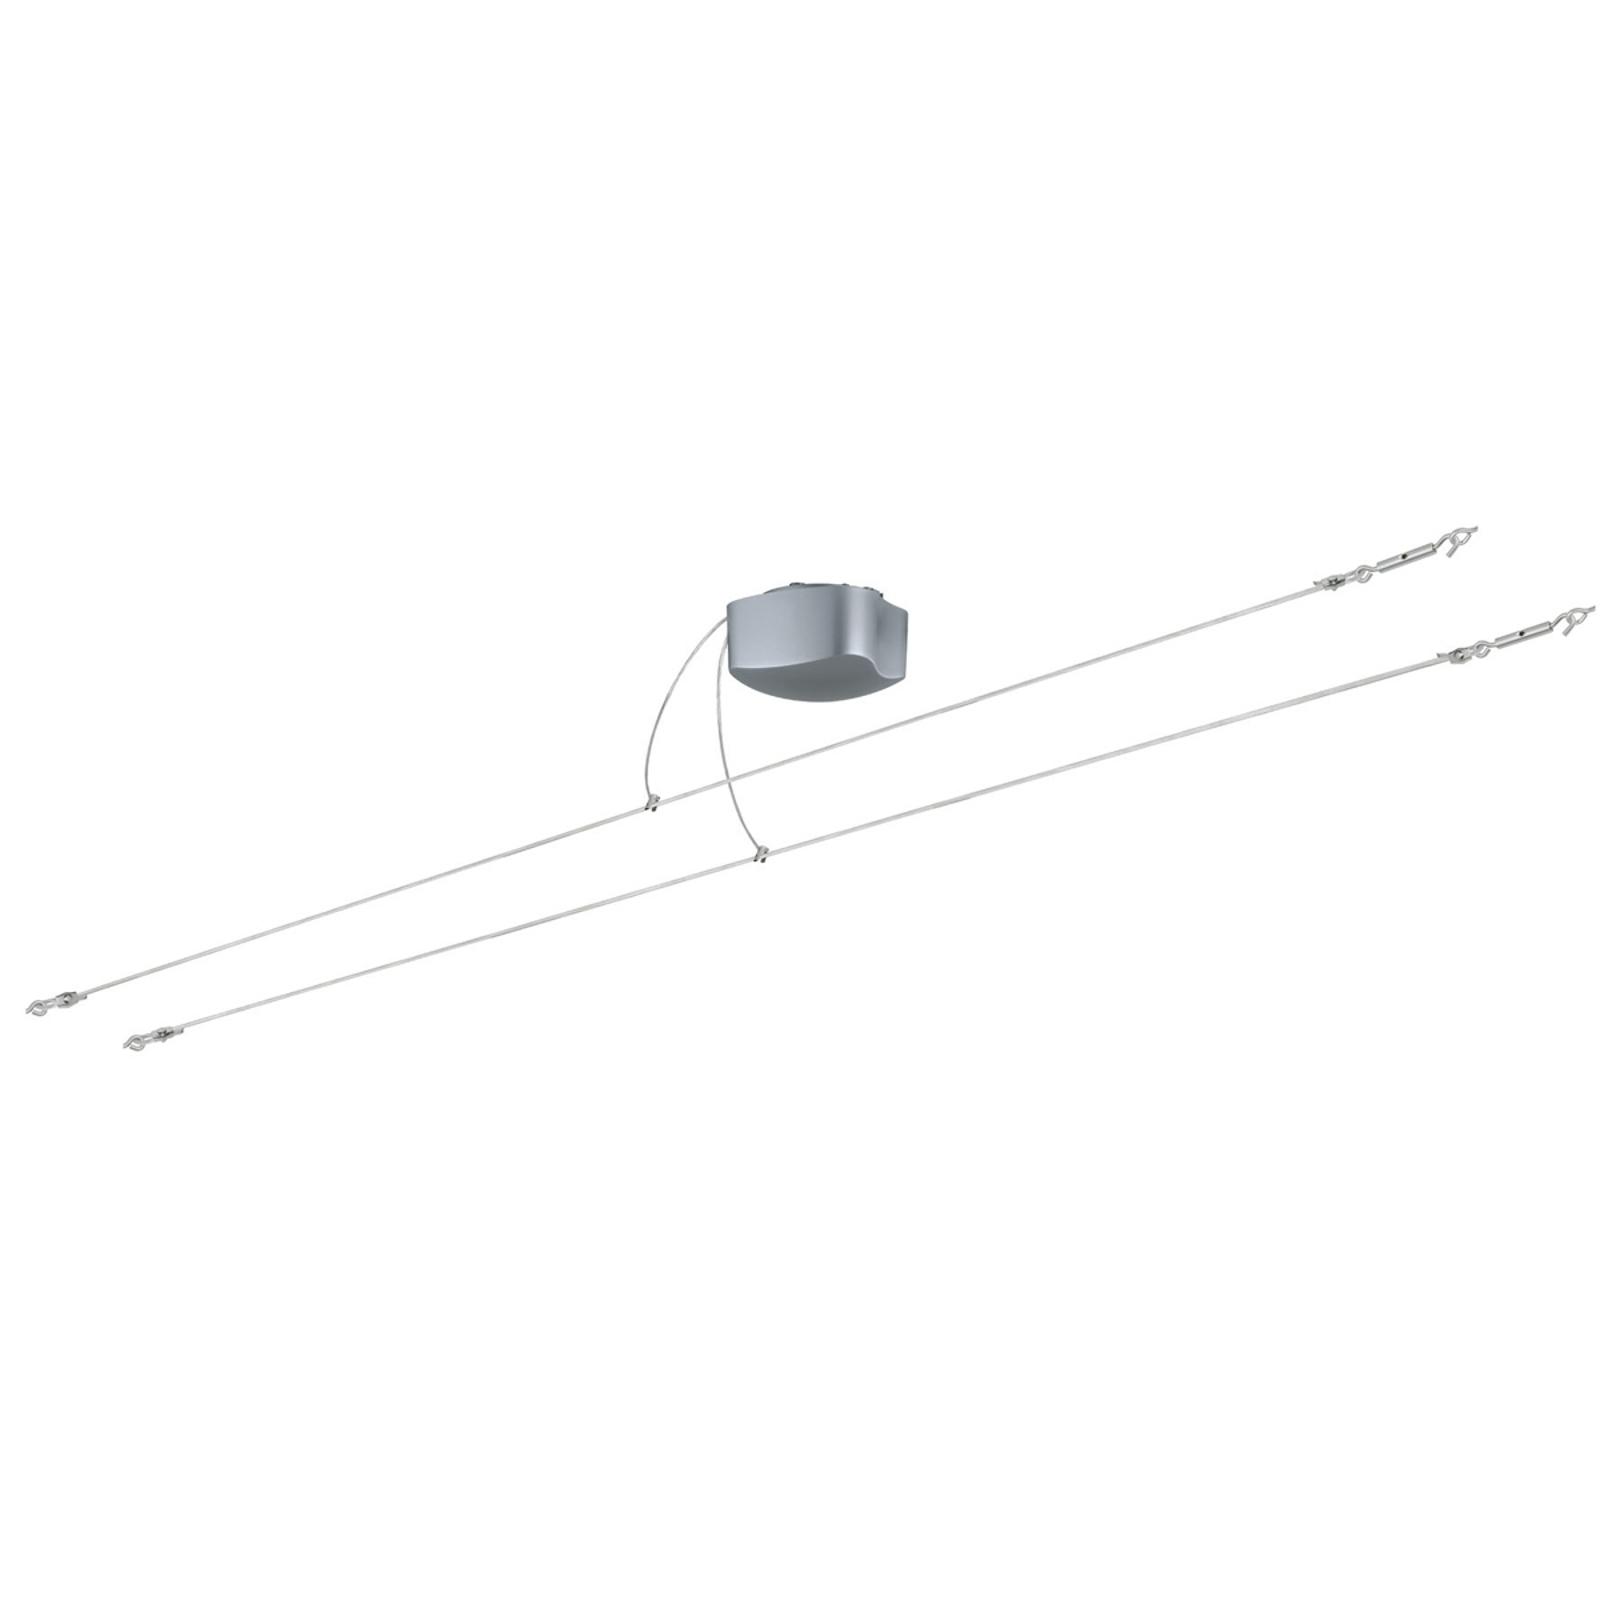 Paulmann 2Easy Seil-Basissystem 105W 10m